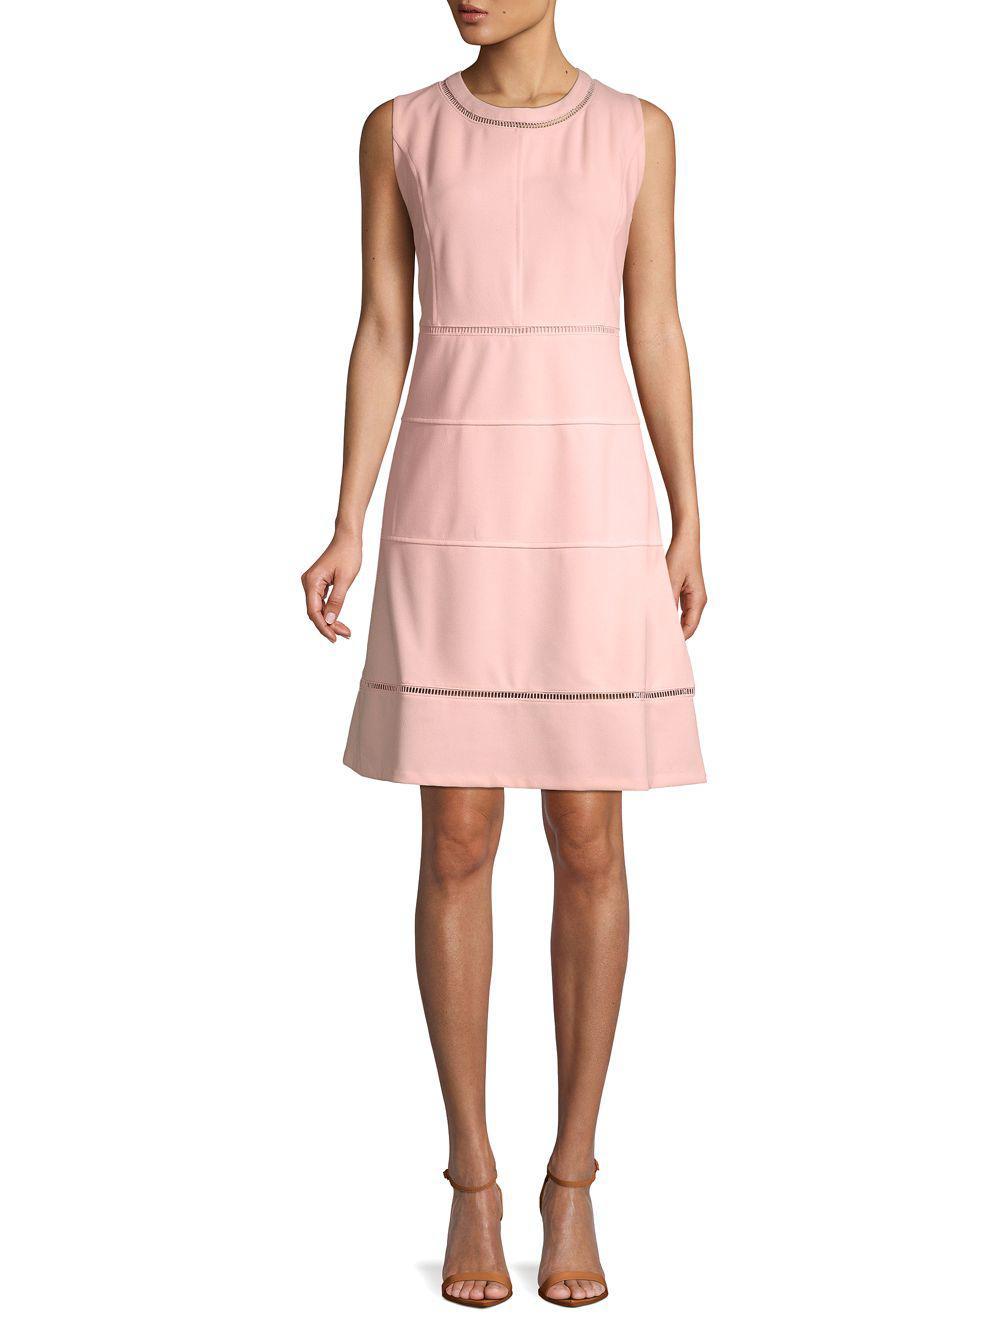 943175c67af Tommy Hilfiger Sleeveless Laser-cut Dress in Pink - Lyst